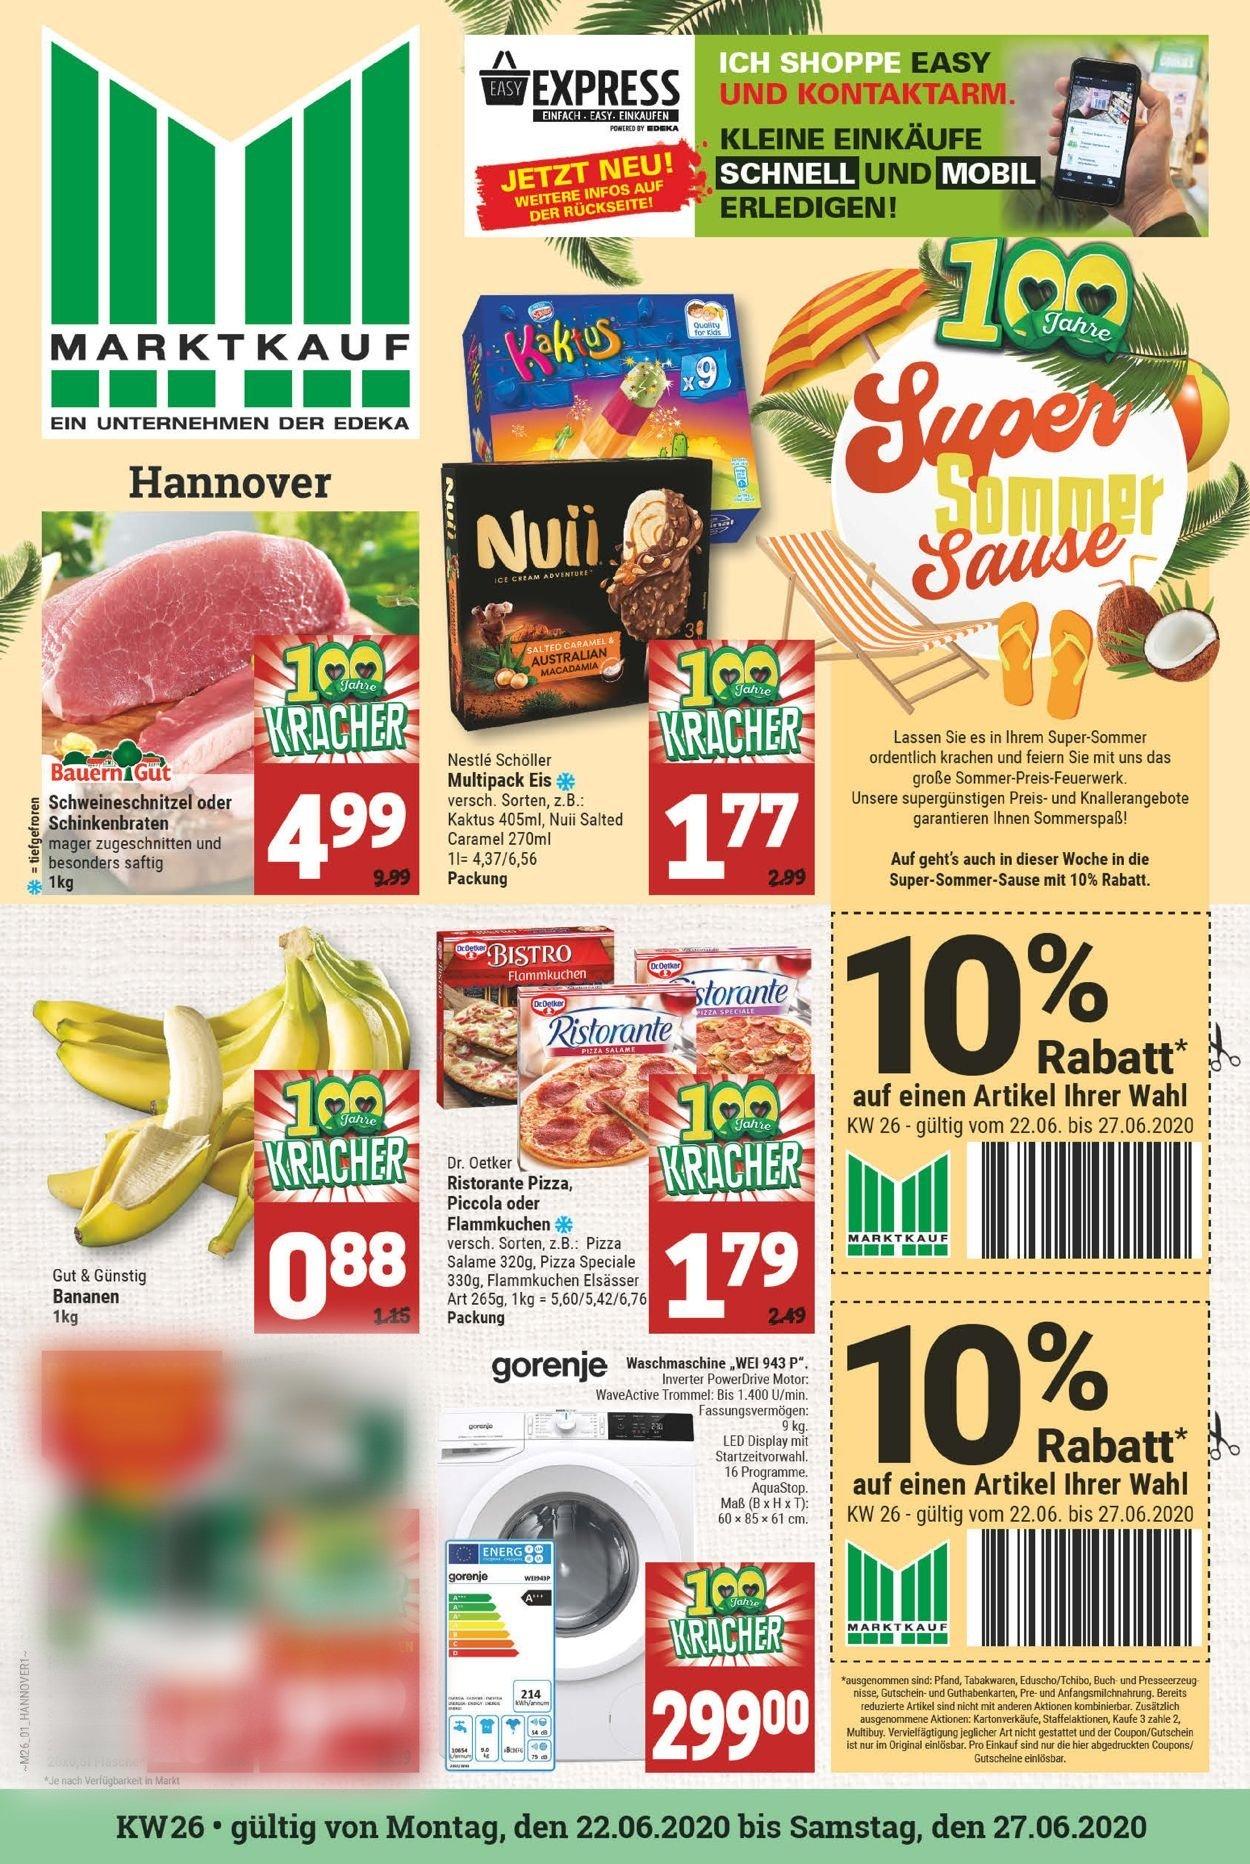 Marktkauf Prospekt - Aktuell vom 22.06-27.06.2020